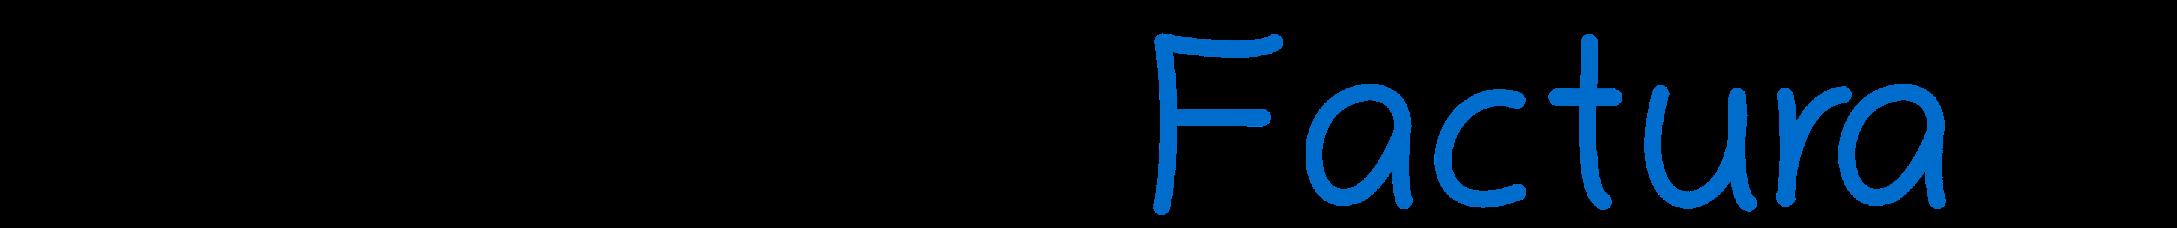 Modelo-Factura.com